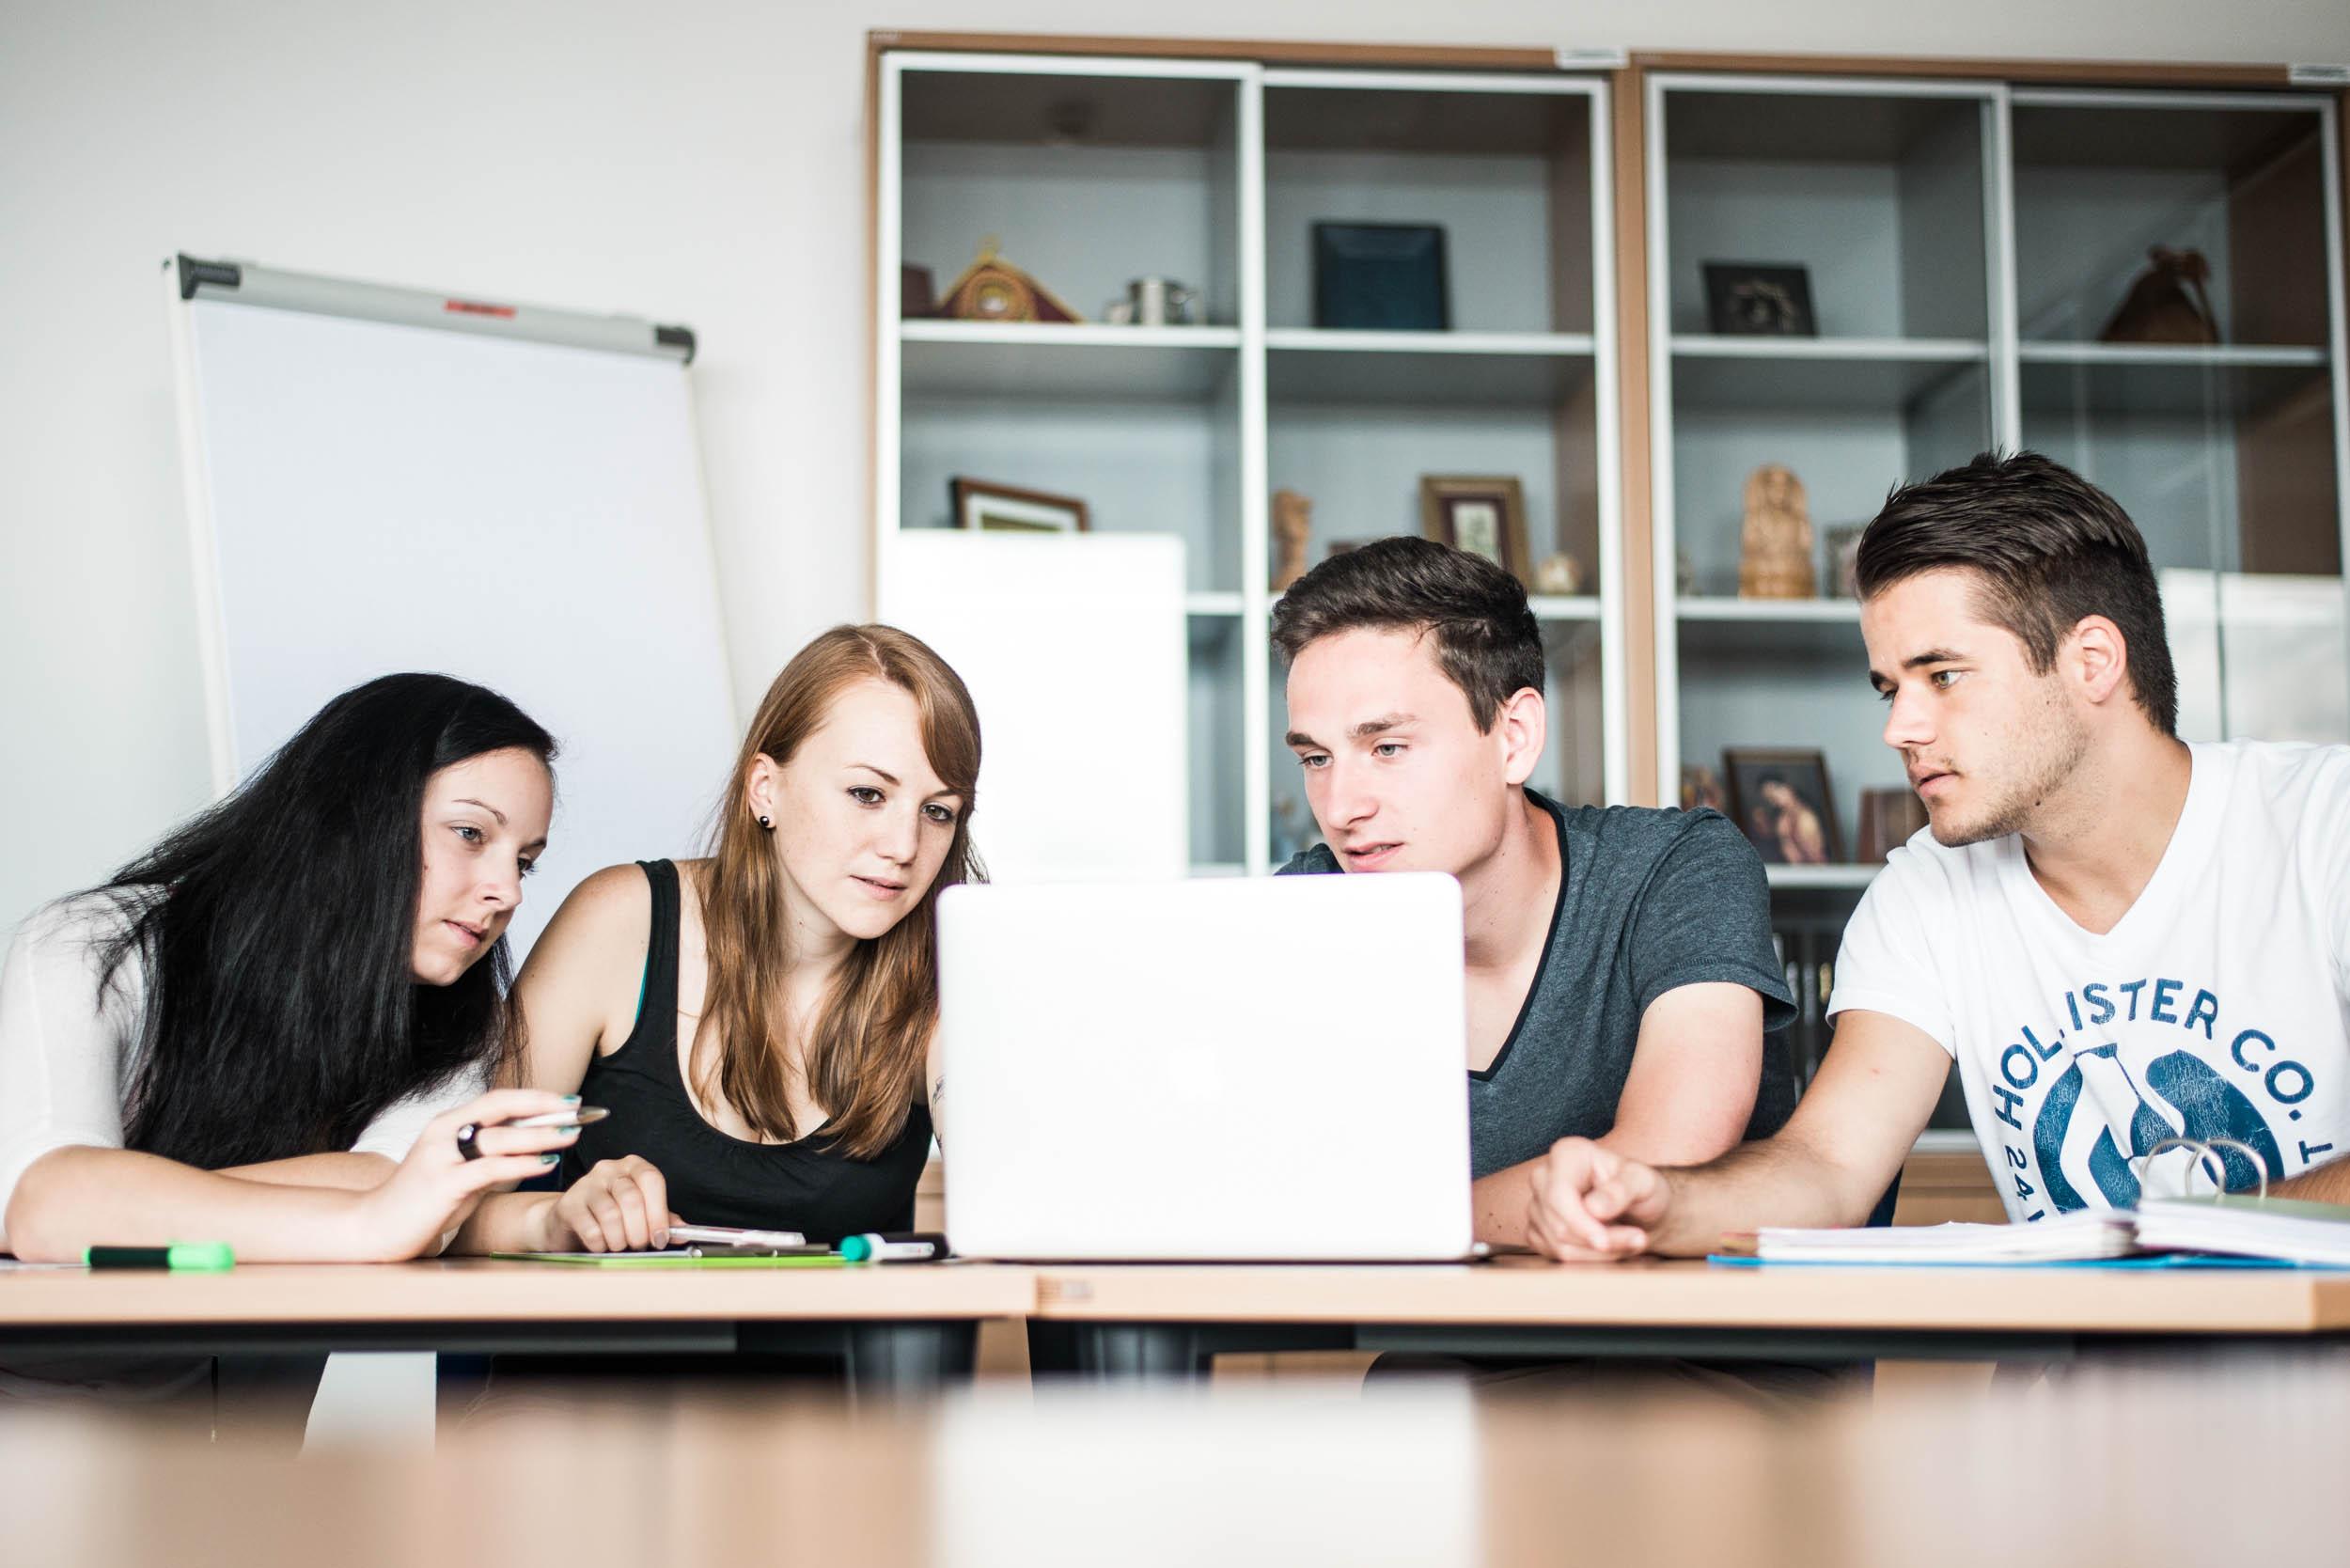 Studierende sitzen vor einem geöffneten Laptop.